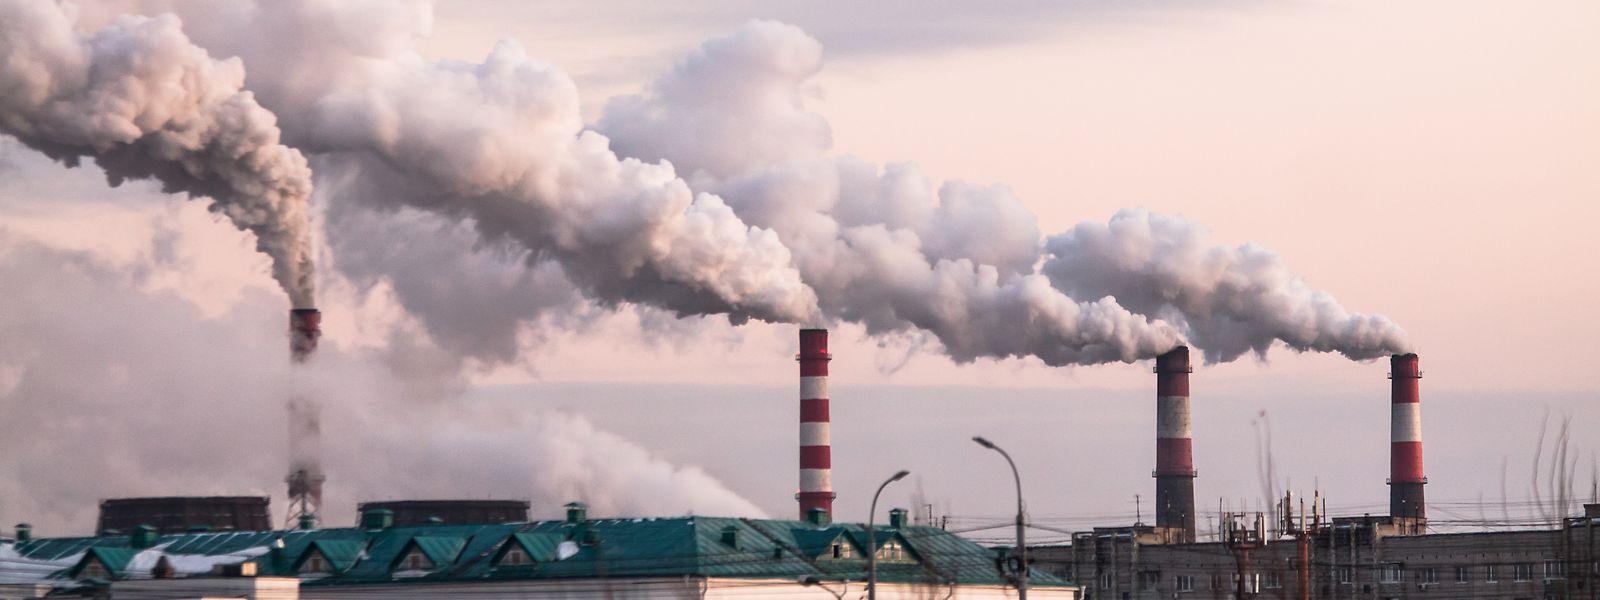 En l'espace de 25 ans, de 1990 à 2015, les émissions mondiales de CO2 ont augmenté de près de 60%.